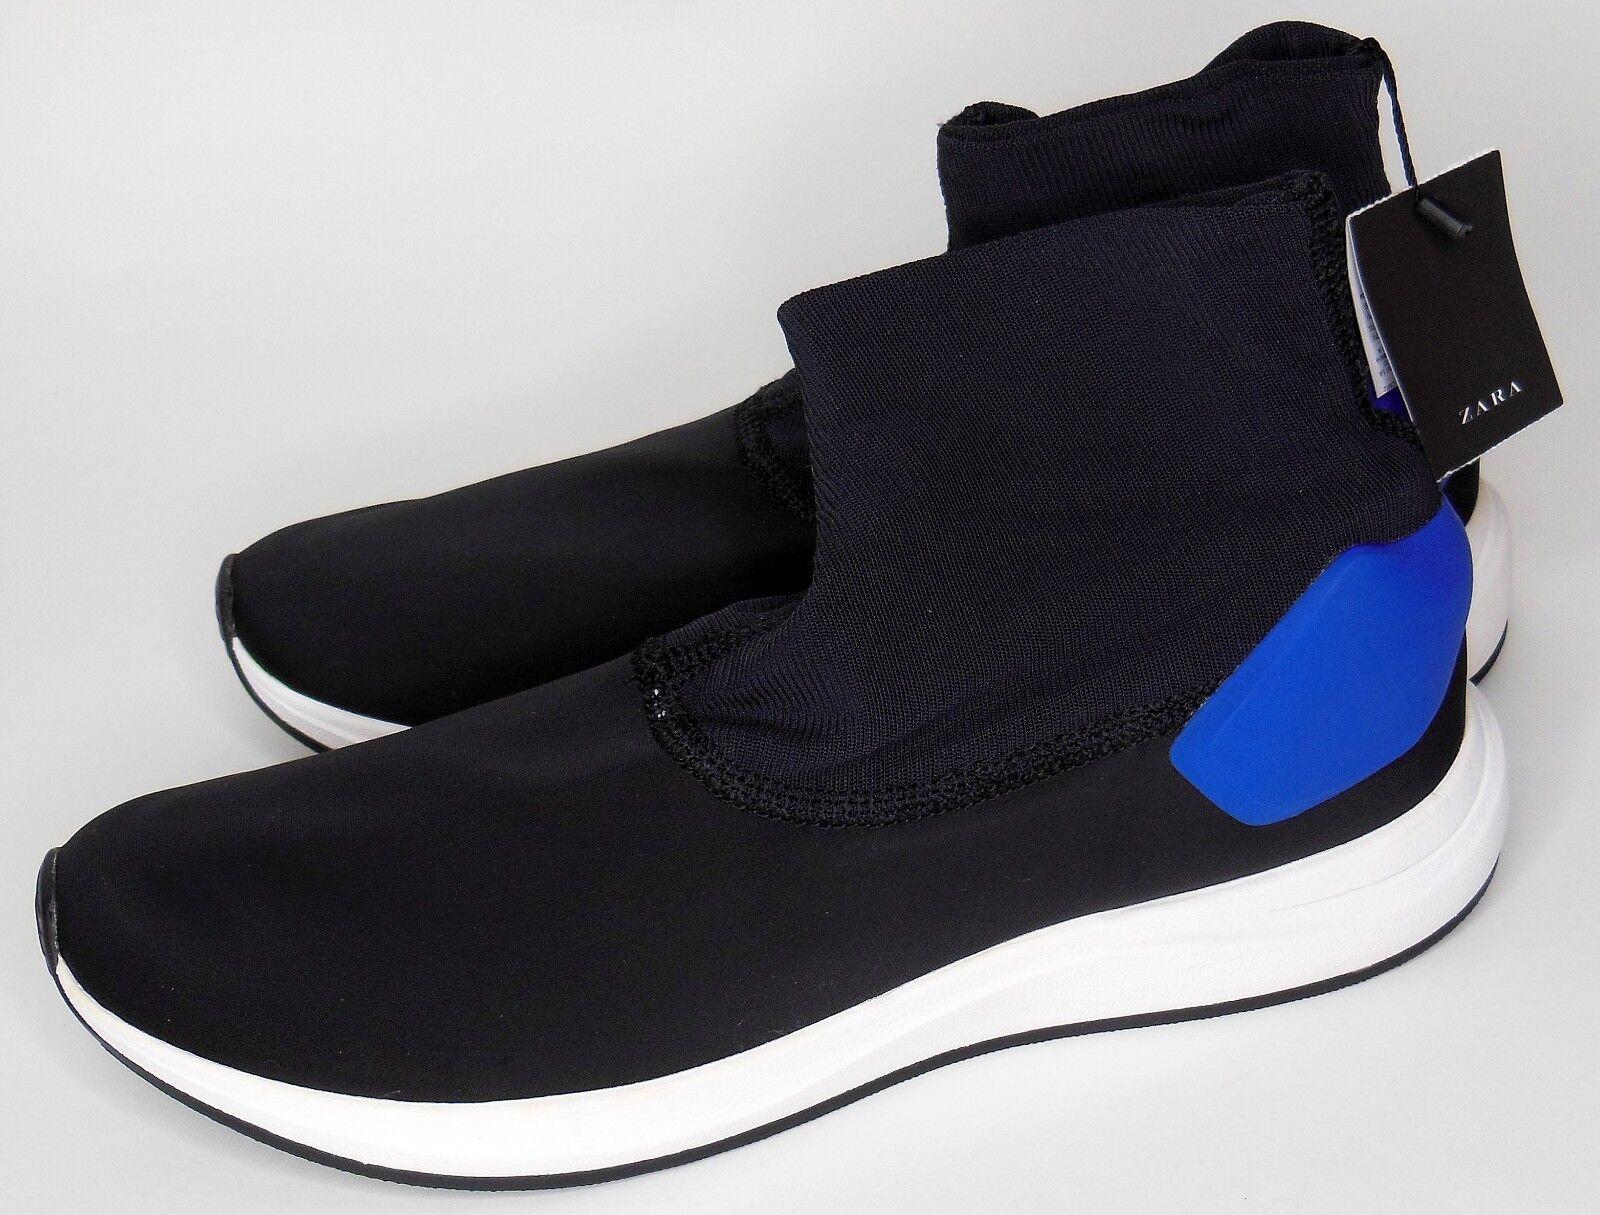 Nuevos calcetines Zara para hombre Negro Estilo Alta Top zapatillas Talla 10 US